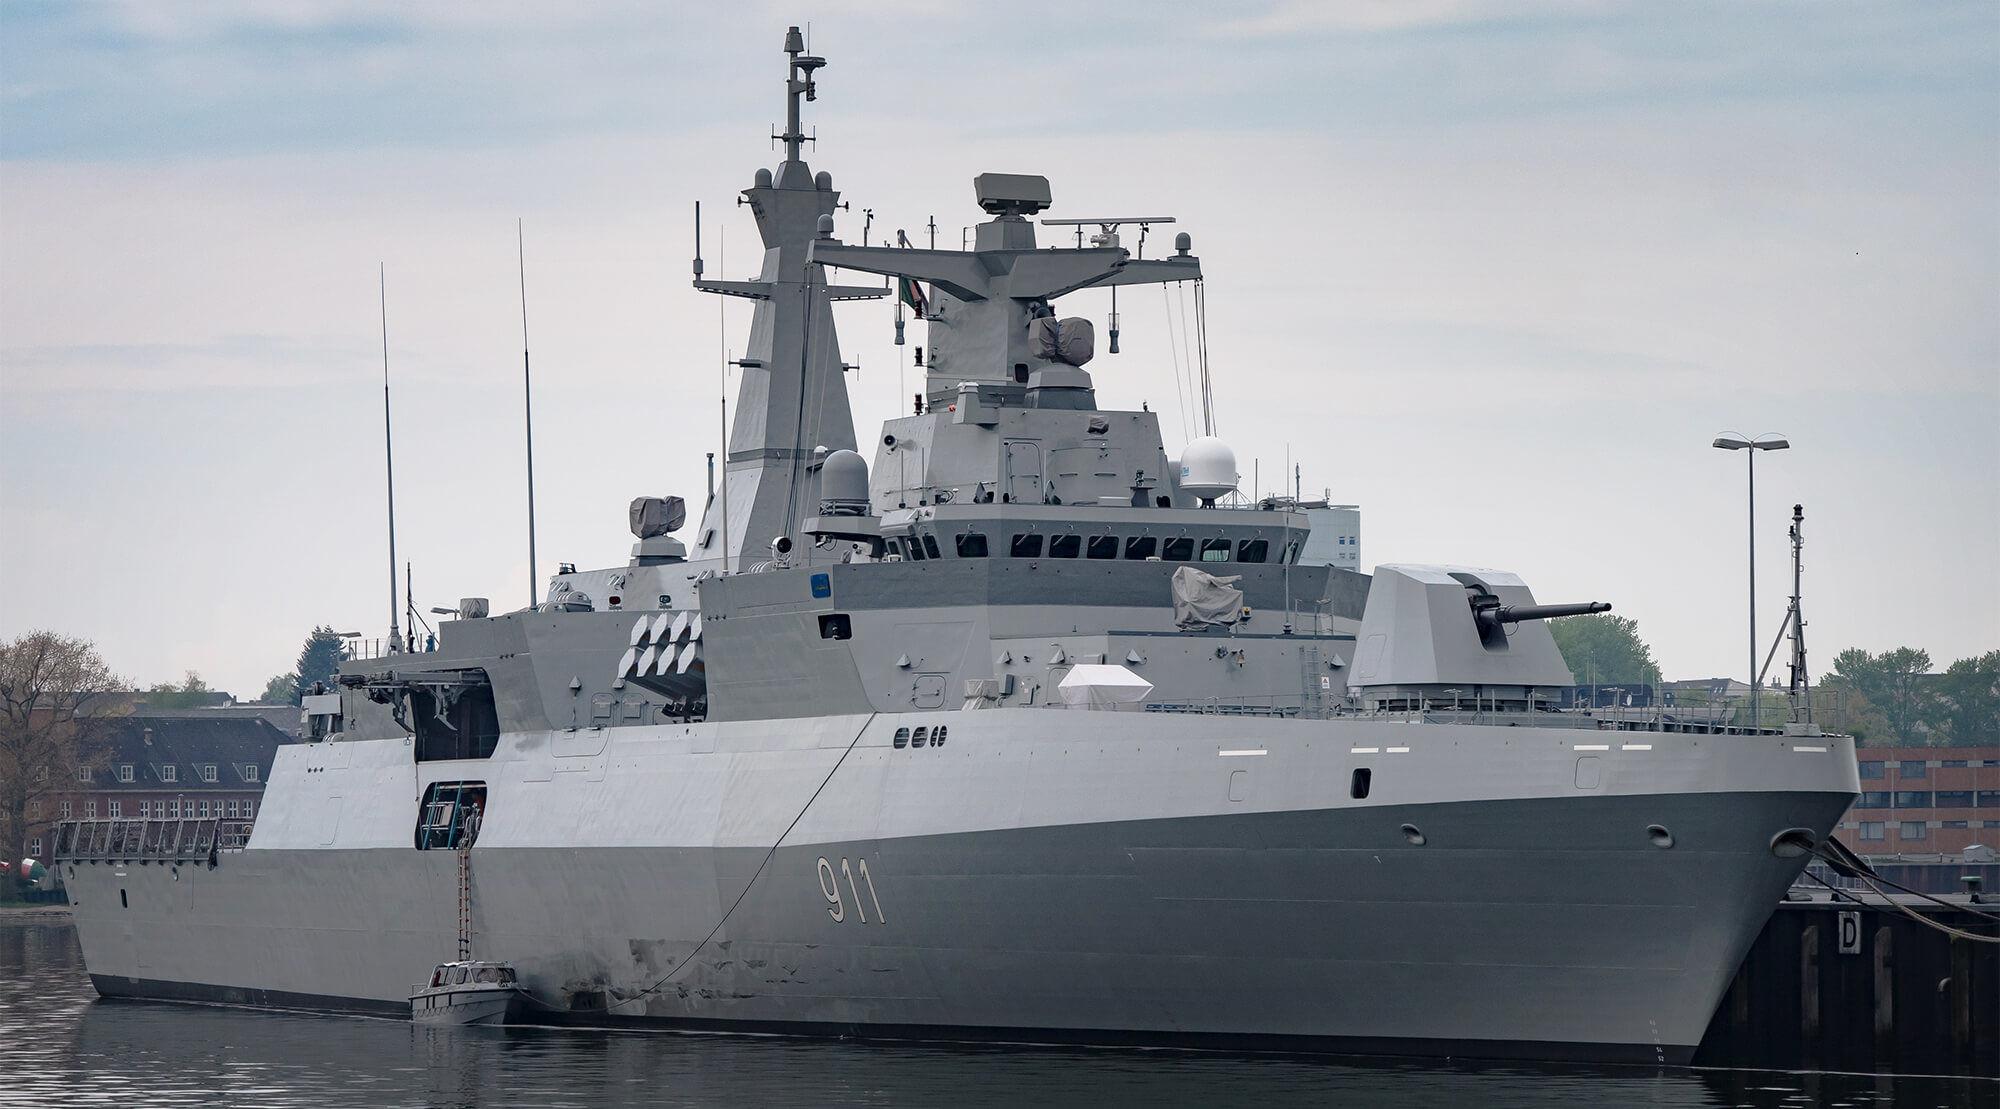 In focus – the MEKO A-200 Type 31e frigate candidate